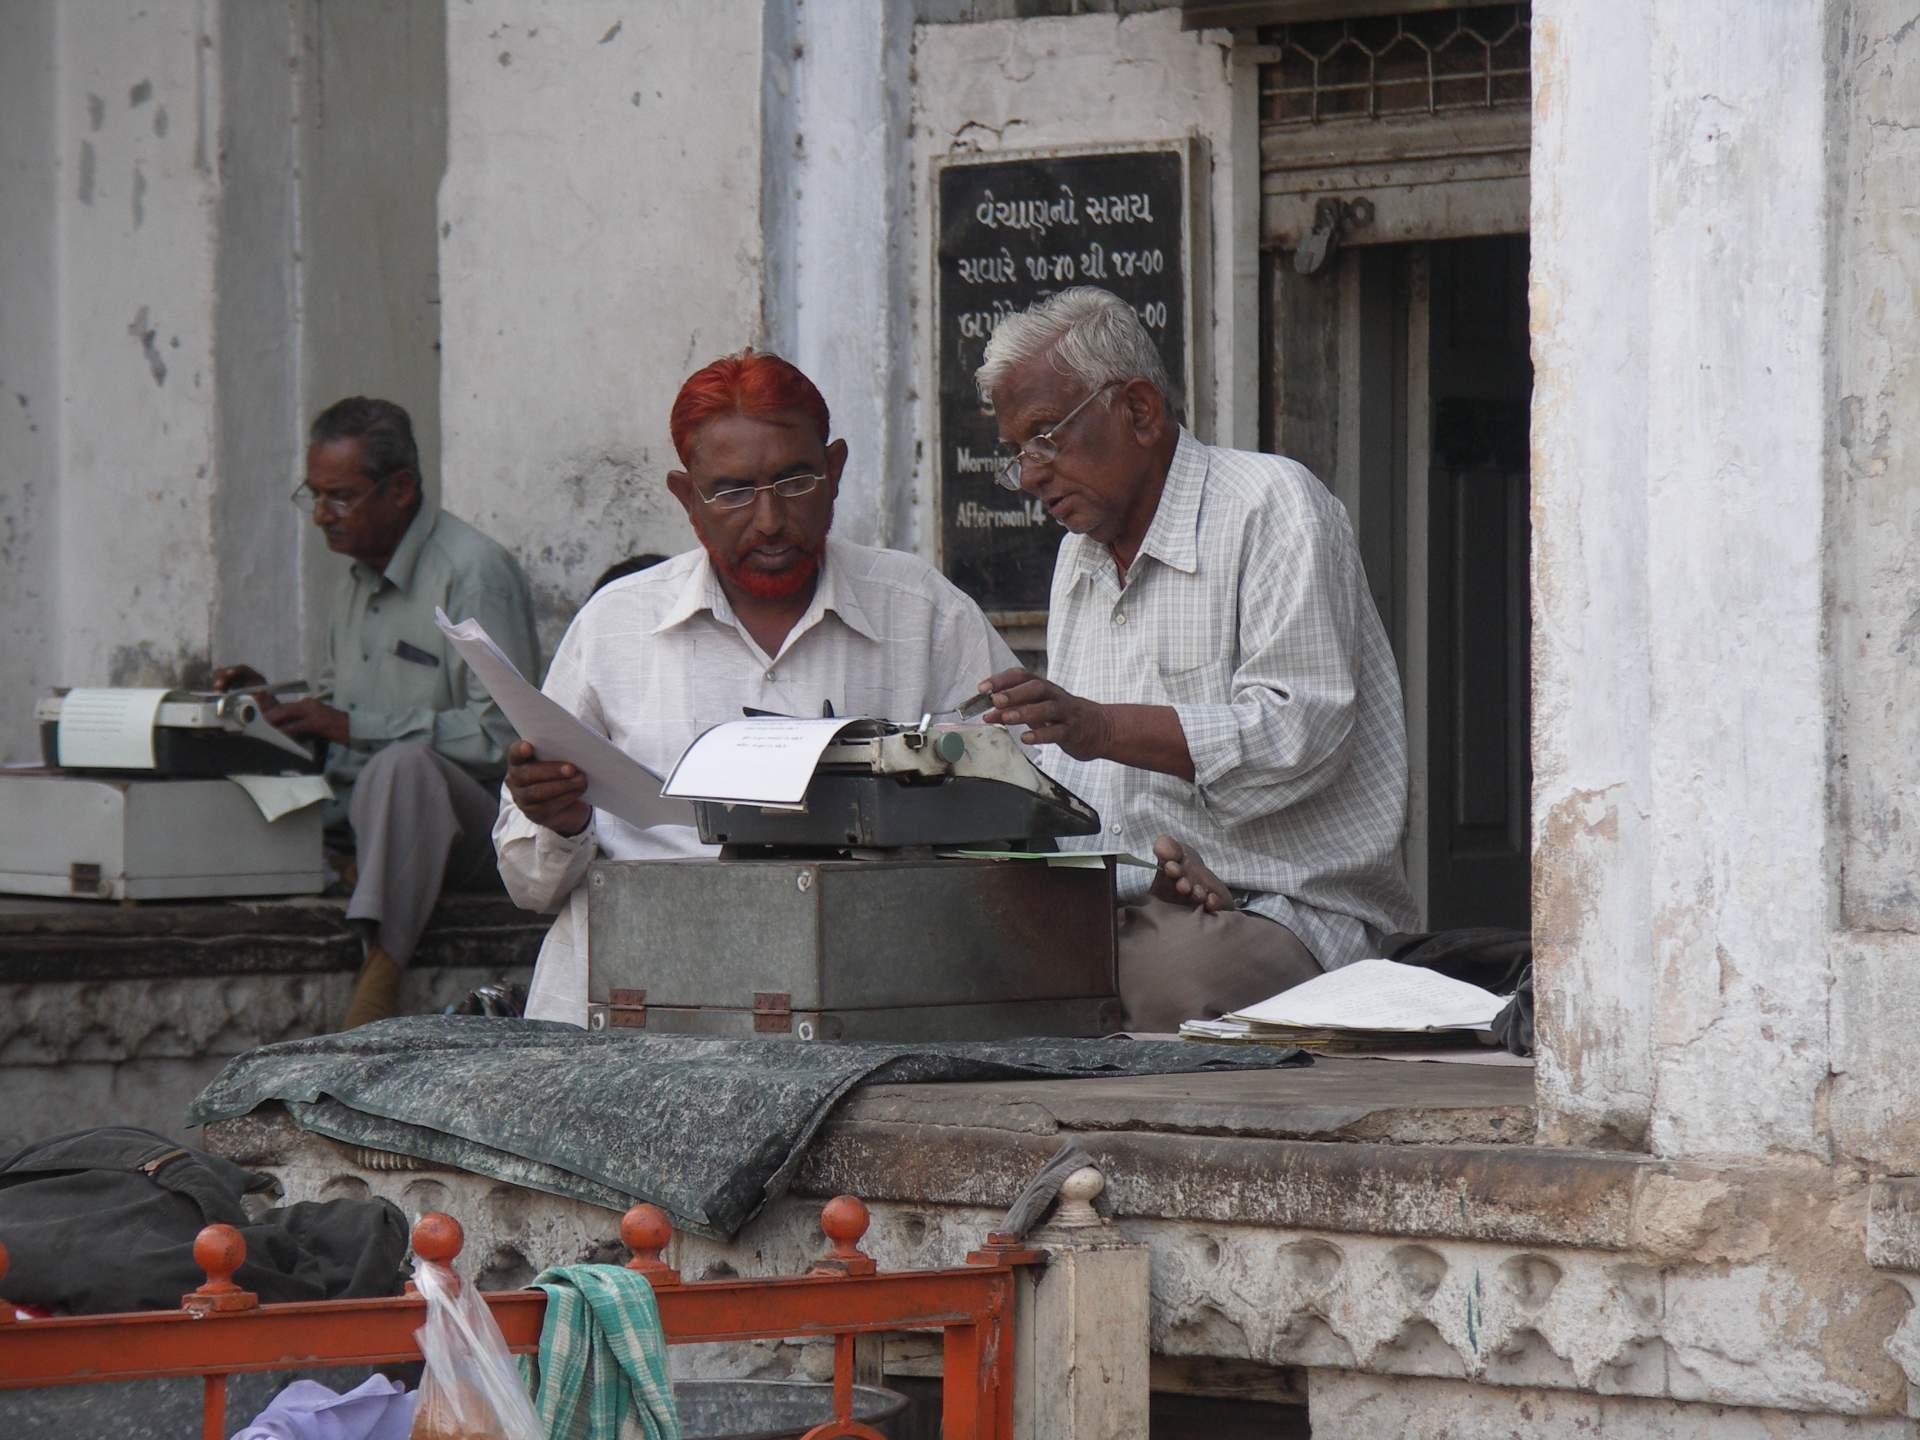 Indisches Internetcafé 2006. Nein, natürlich nicht. Hier handelt es sich um Dienstleister vor einer Behörde, die anderen Leuten für kleines Geld Formulare ausfüllen. Aber das Internet war ähnlich schnell.